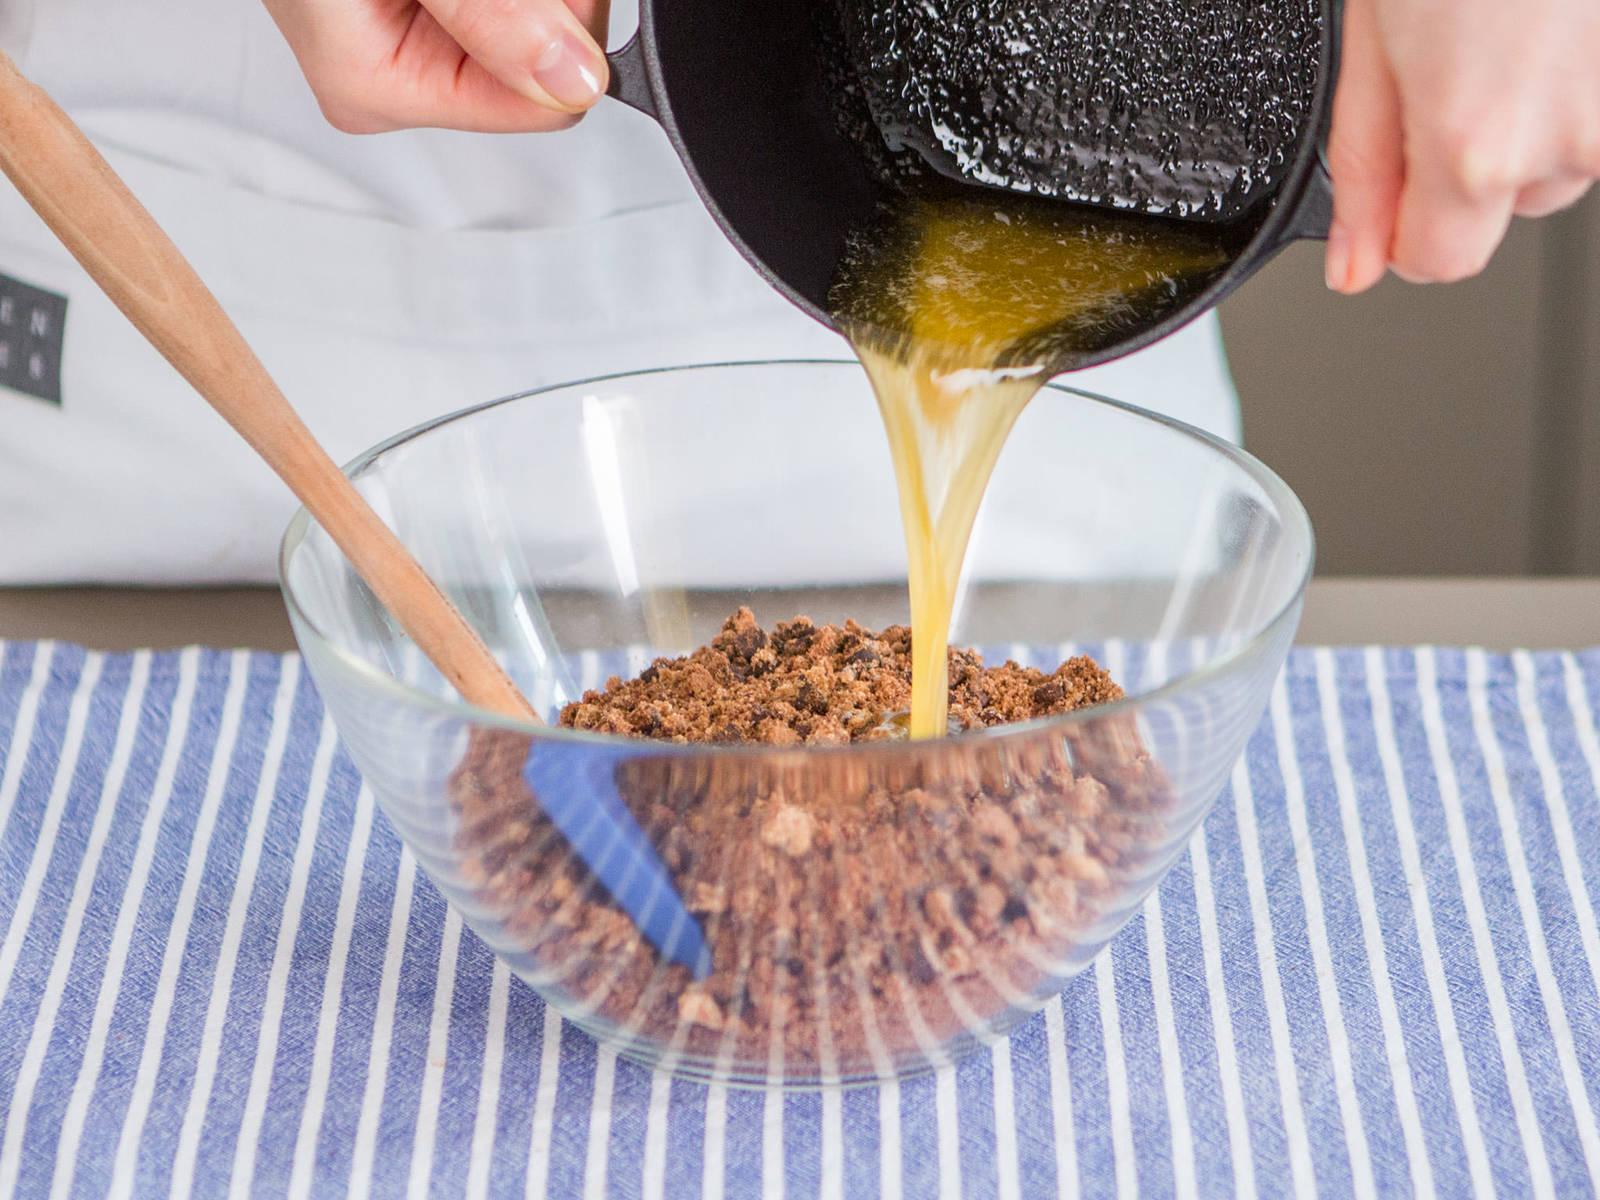 用中温在小锅中融化黄油。将饼干碎放入大碗,将融化后的黄油倒在其上,搅拌均匀。